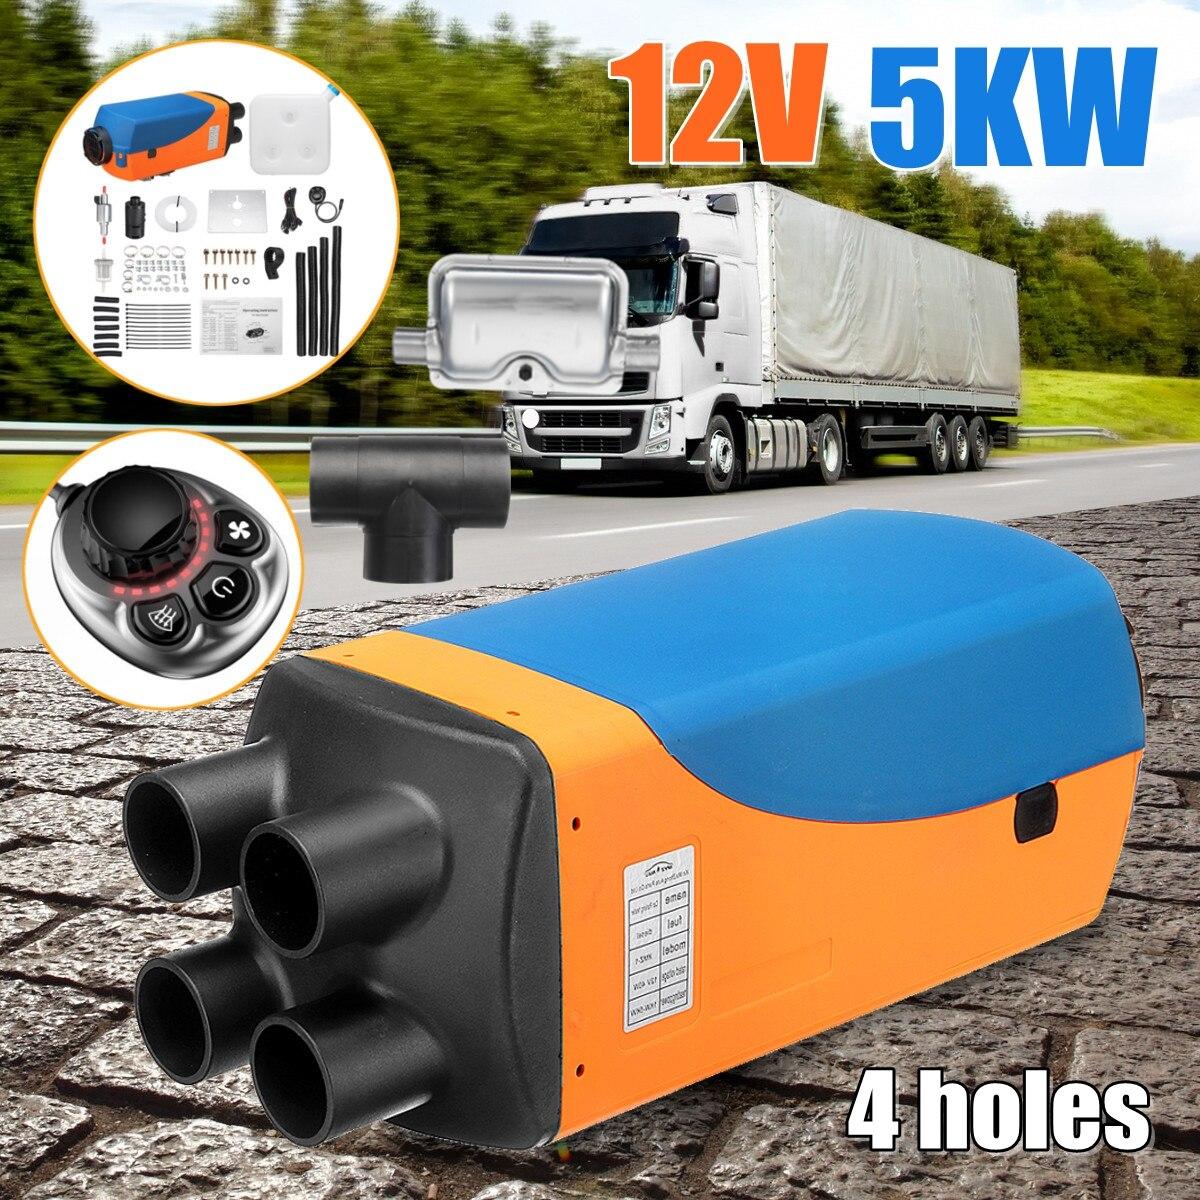 Nouveau 5KW 12 v Diesel Air Parking Voiture Chauffe-Réservoir 4 trous 2 xVent Conduit Thermostat Caravane Camping-Car Bouton Interrupteur chauffe-Avec Silencieux